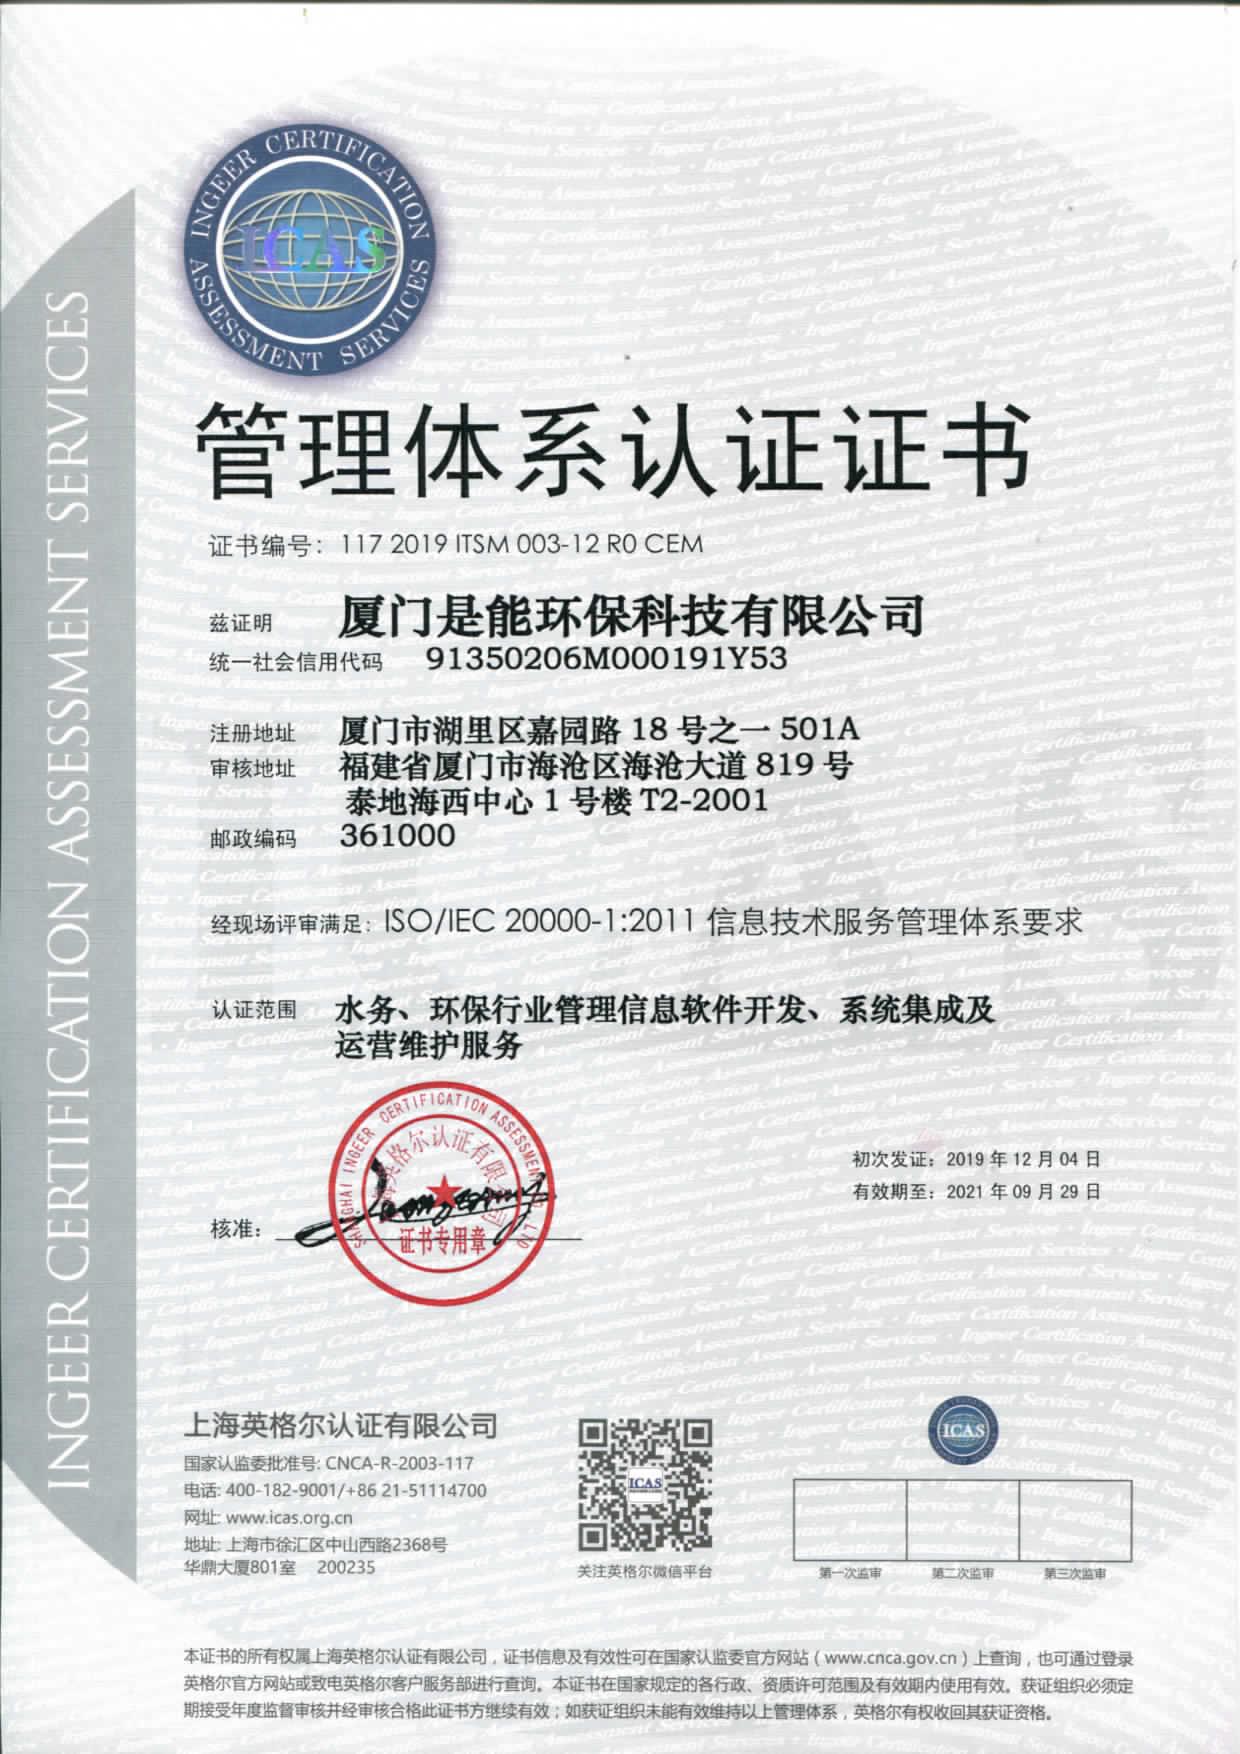 ISO/IEC 20000-1:2011信息技术服务管理体系认证